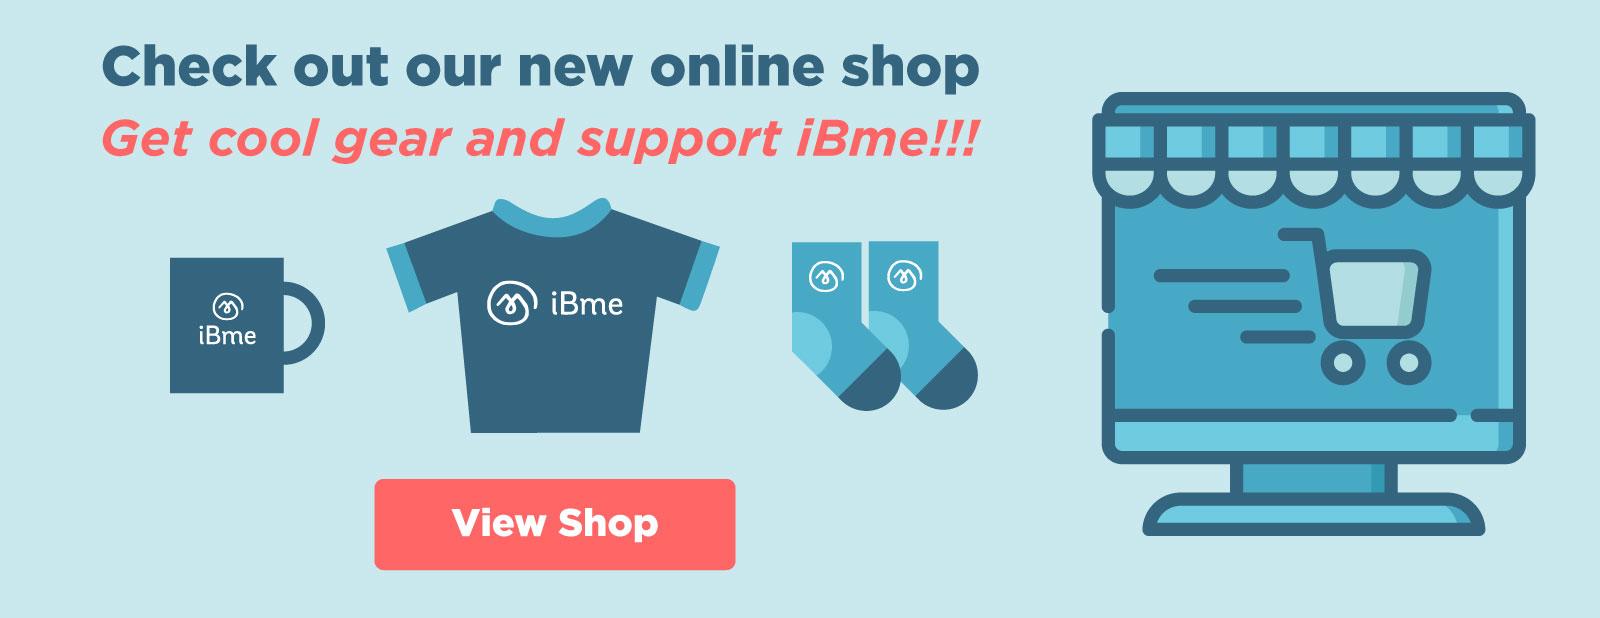 iBme Shop